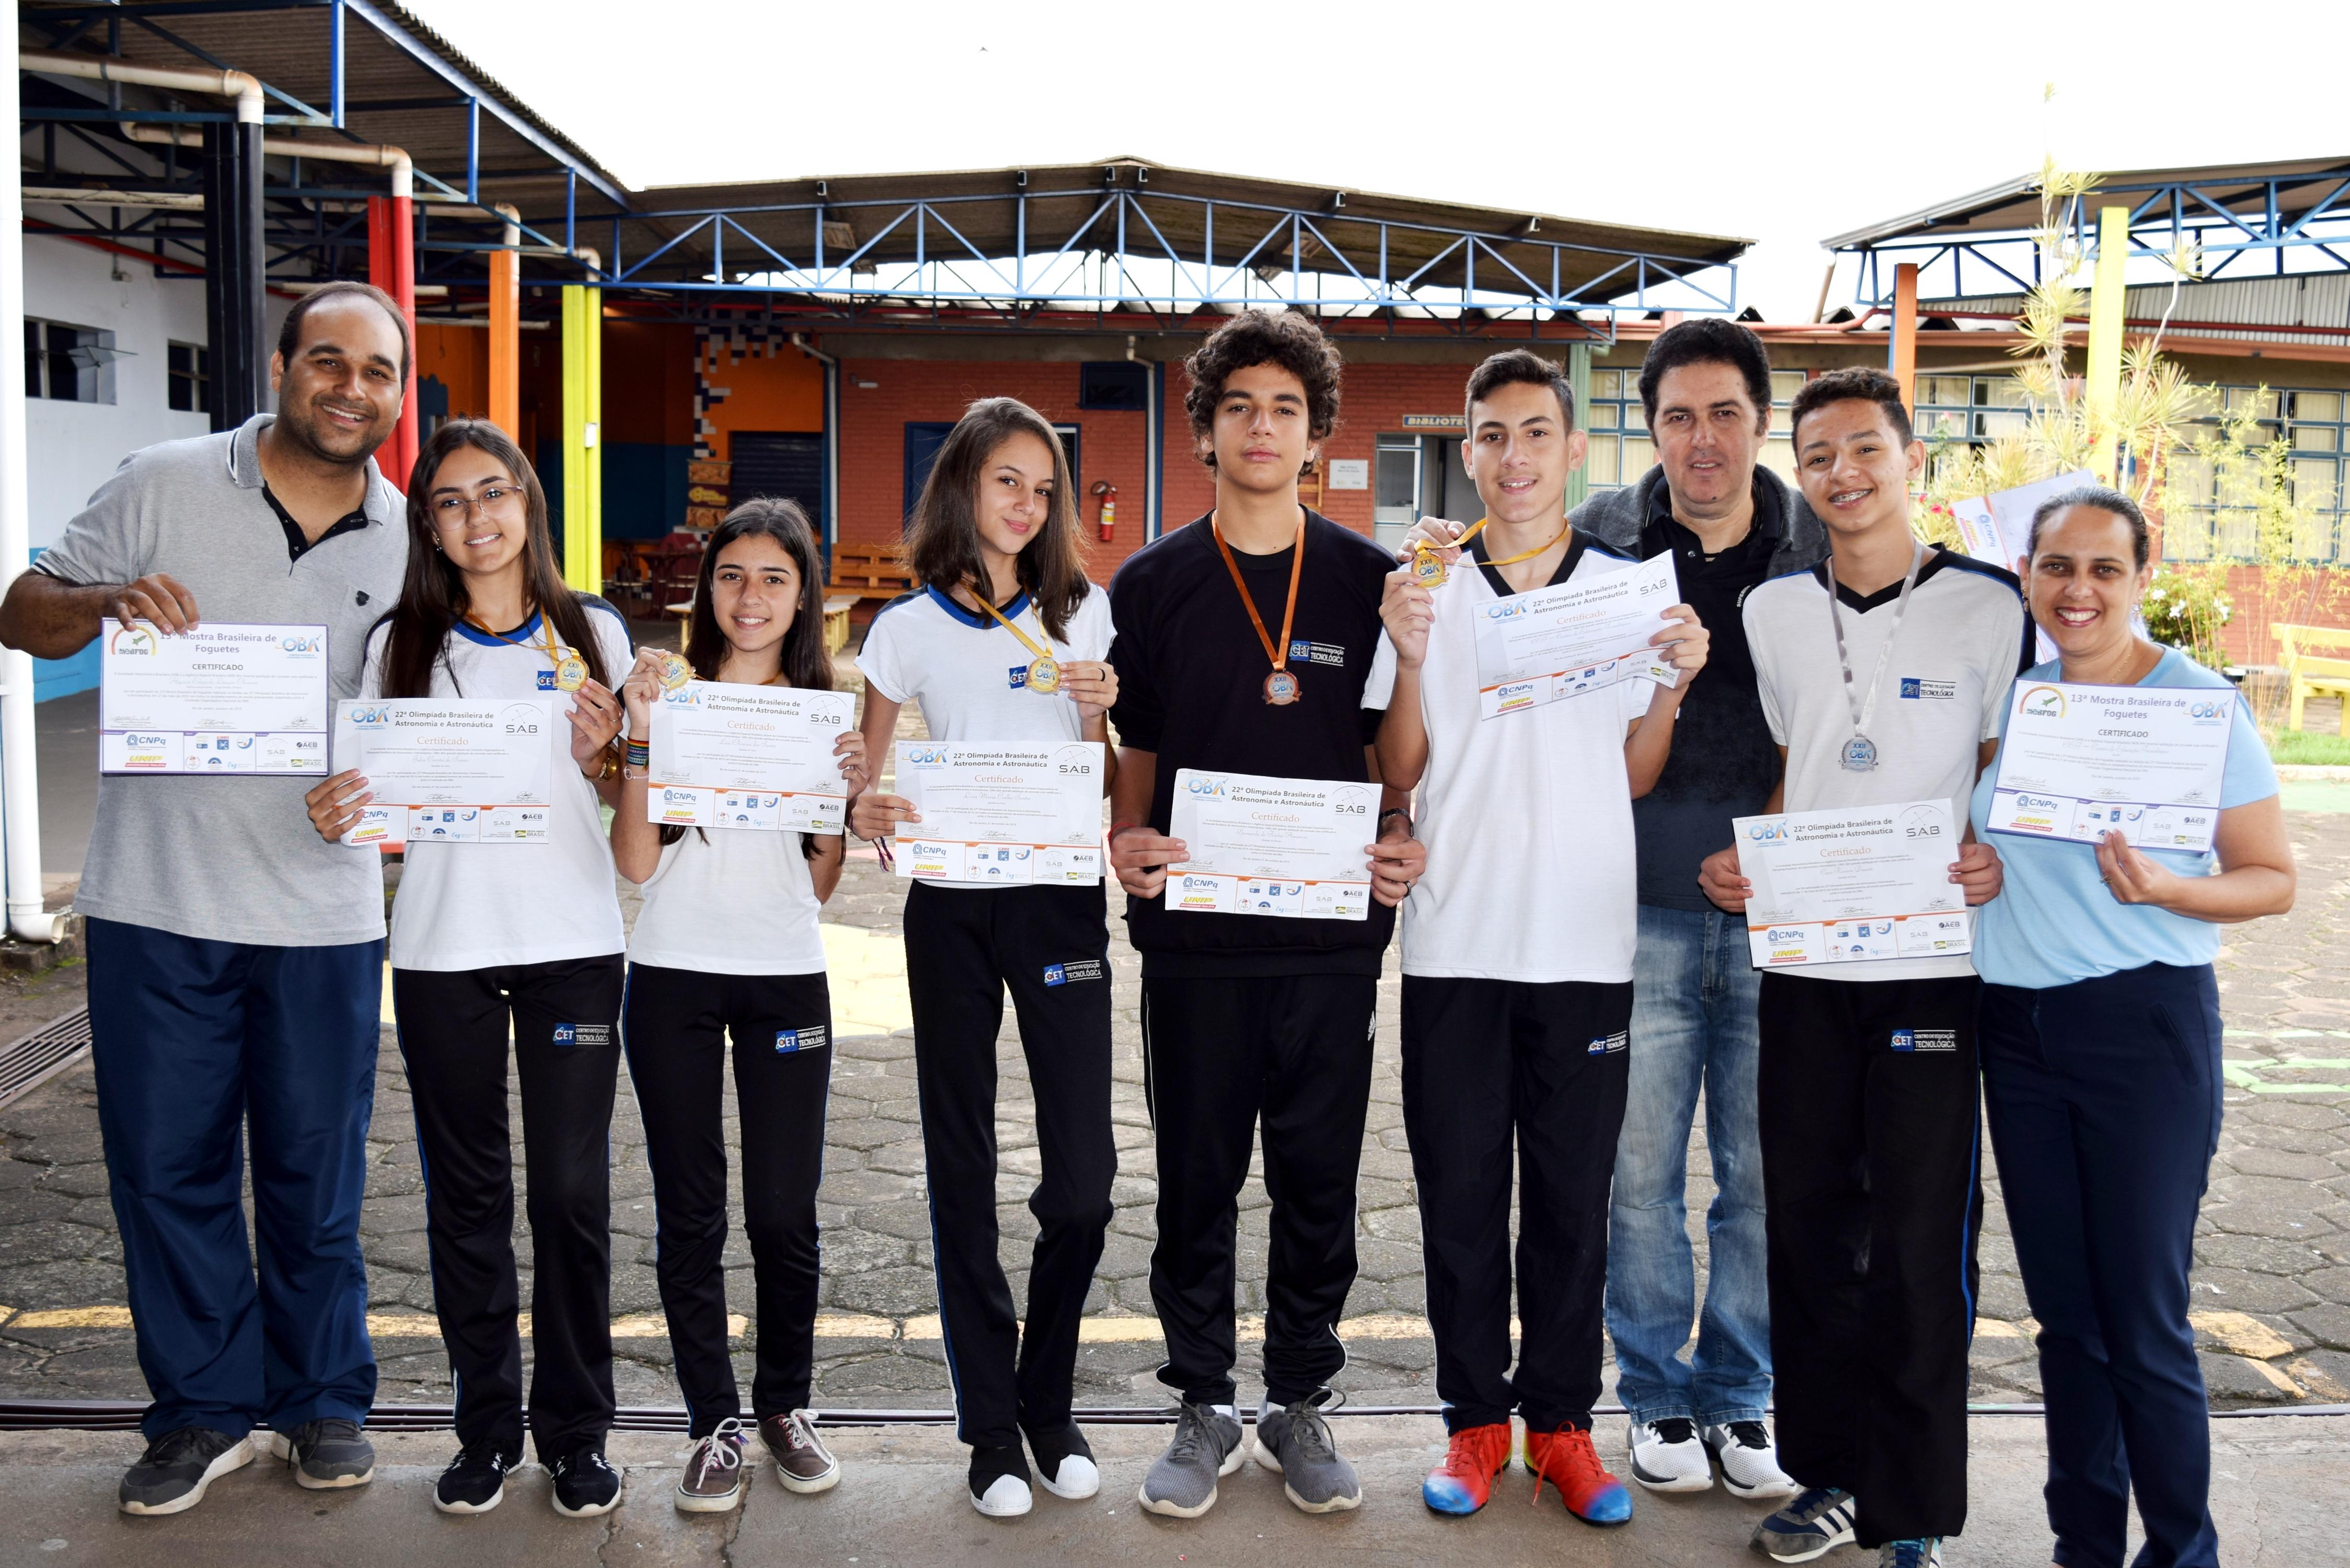 Alunos medalhistas na Olimpíada Brasileira de Astronomia e Astronáutica